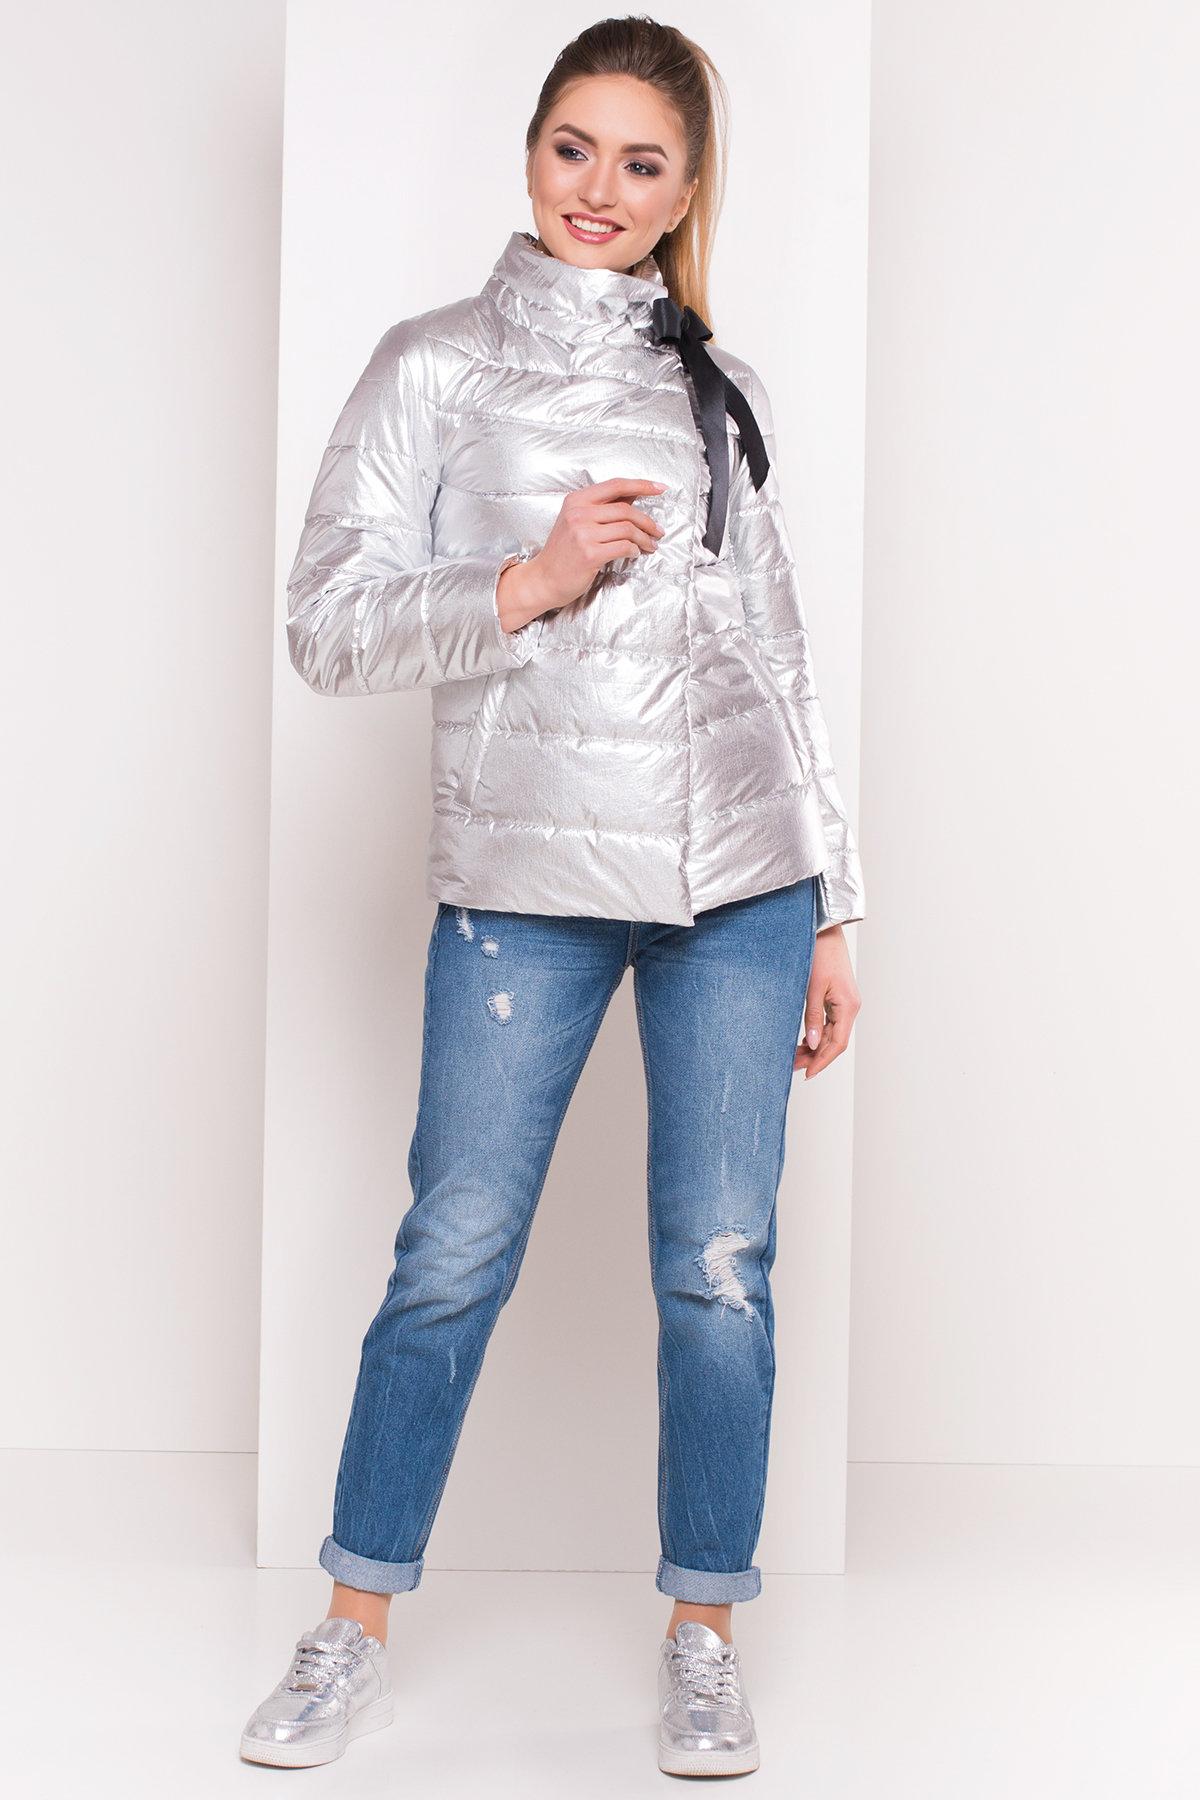 Демисезонная куртка Эллария 4620 Цвет: Серебро